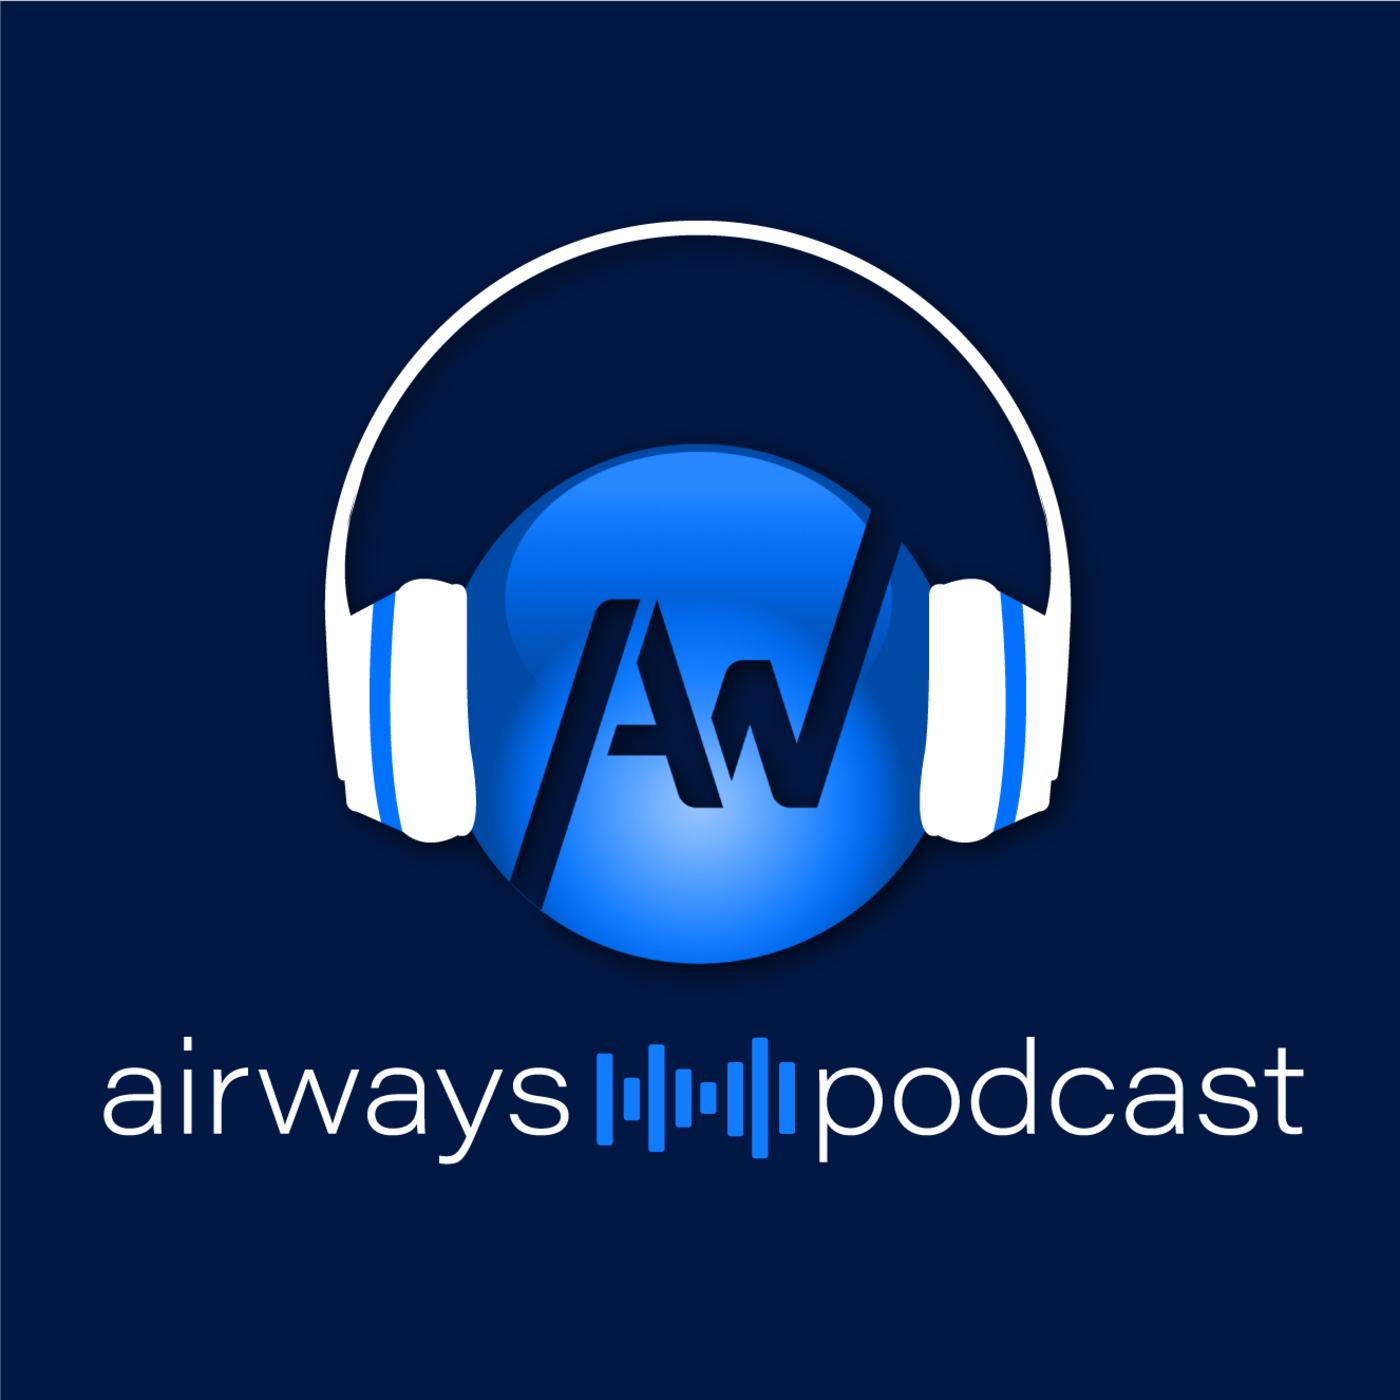 Airways Podcast show art